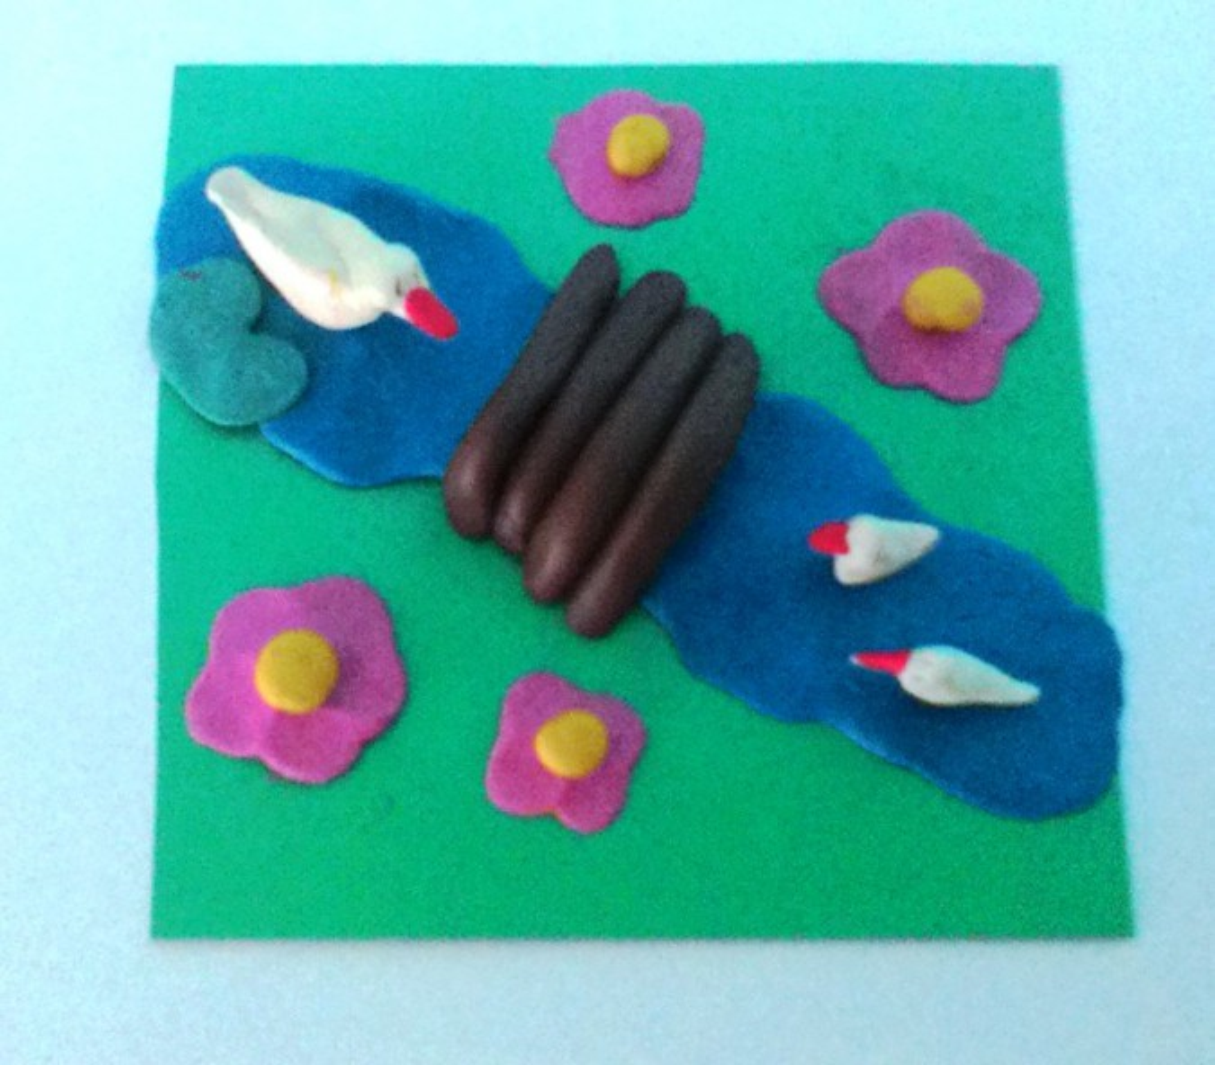 Простые поделки из пластилина для детей 3-4 лет фото 75